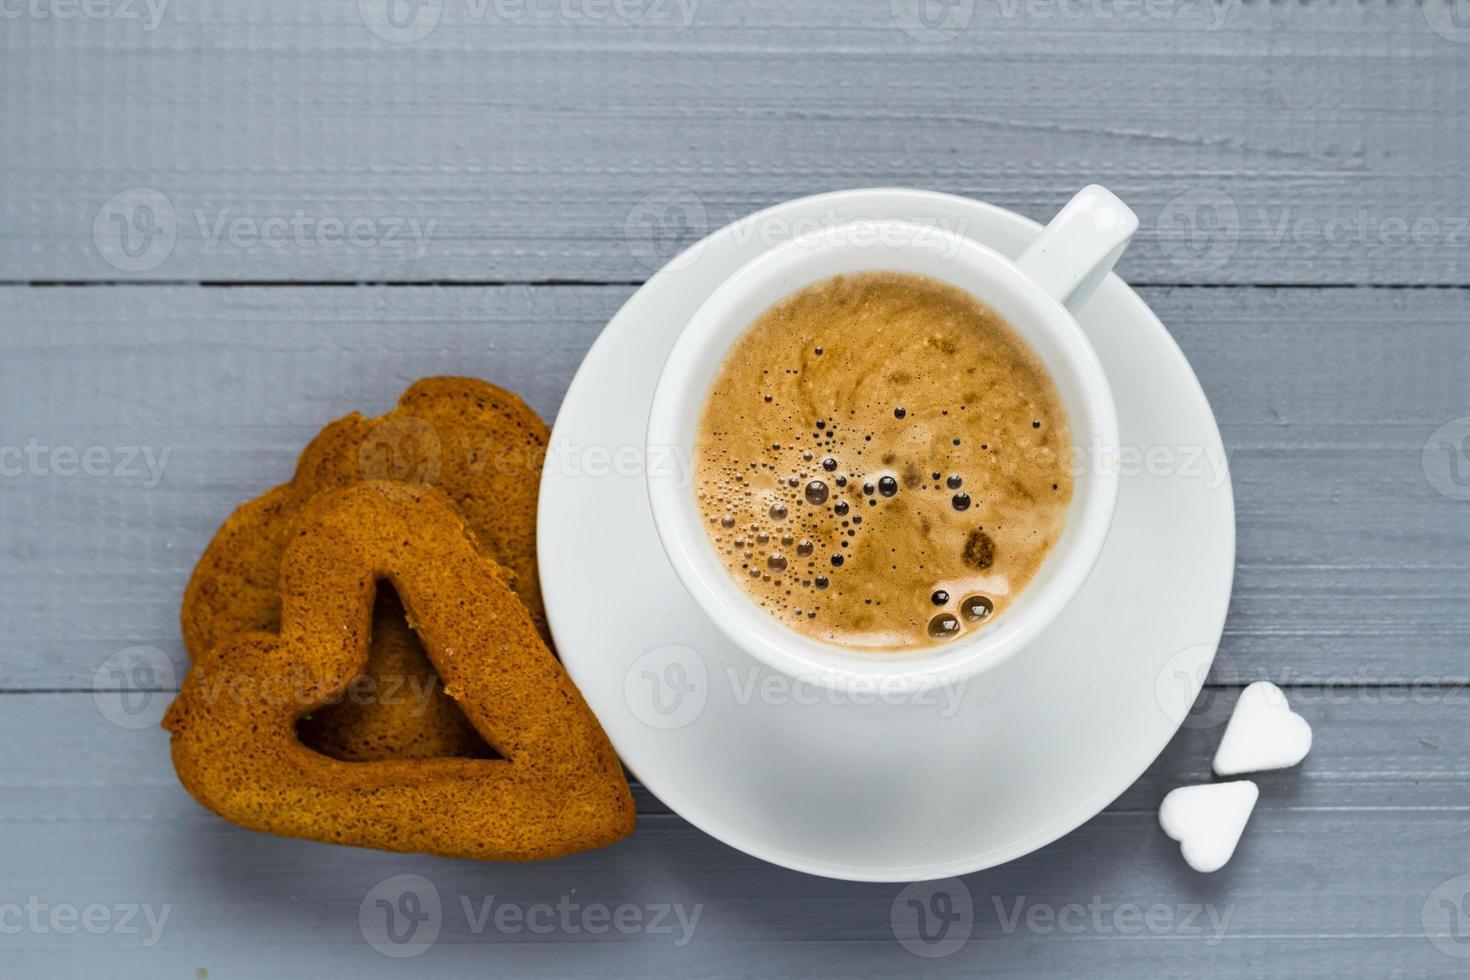 San Valentino tazza di caffè tavole di zucchero a cubetti torte cuore foto